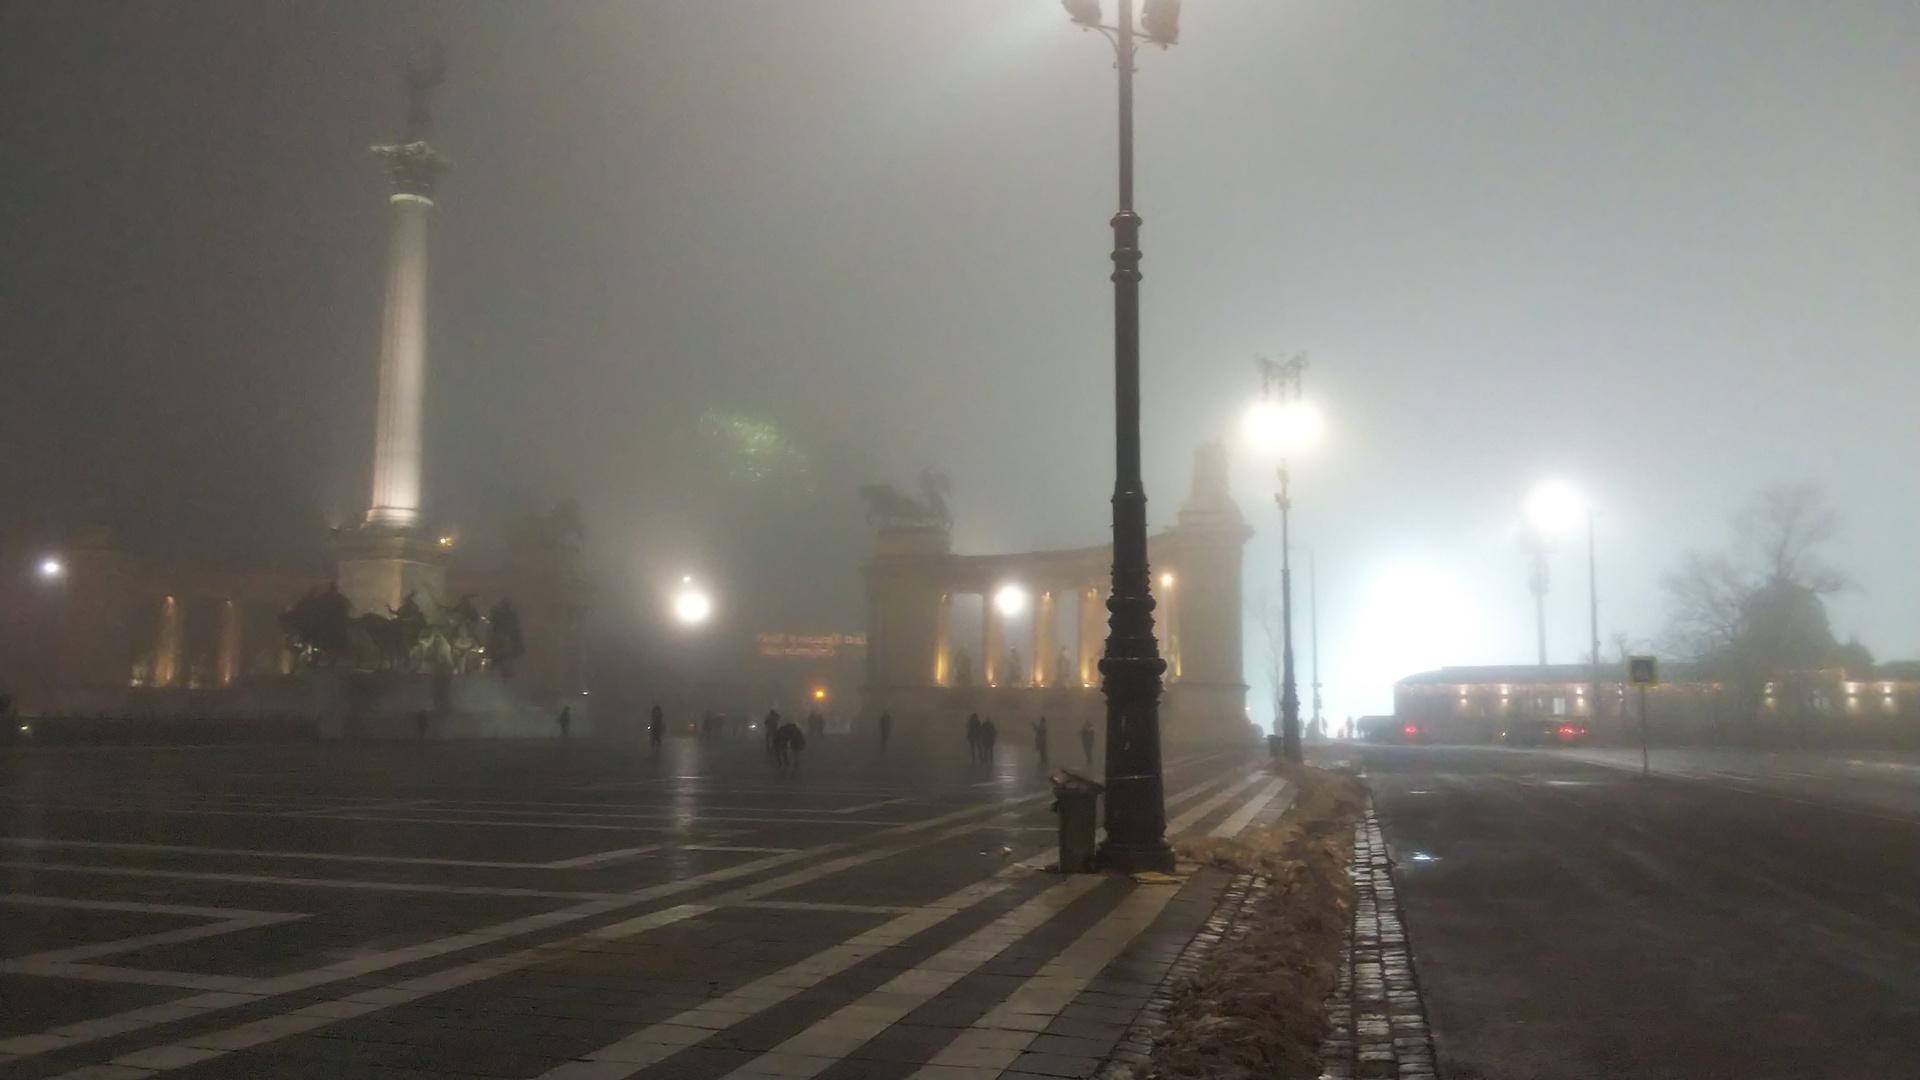 ドナウ川のナイトクルーズが濃霧で中止になってしまったんです。  〇よかったところ  現地のガイドさんががんばってくれて、  ブダペストの街のみどころをドライブしながら案内してくれた  ところは、満喫できました。  セーチェニ温泉に行ってみたい、と言ったら  連れて行ってくれましたし、  濃霧のなか花火が上がるのをみる  という貴重な経験もできました。  我々では行くのが難しそうな飲み屋街についても  車で案内していただけました。   この時期はクリスマスマーケットの飾りも多く  あと、ごはんもおいしかったです。  〇改善してほしいところ  天候の都合なのでしょうがないのですが  クルーズ中止となった場合の取り扱いについて  明記してほしかったです。  天候不順により欠航となる率などの表示もあると  助かります。   また、レストランでビールを注文した際に  別料金なのはわかっていましたが、  590フォリントと記載されていたところ1000フォリント  請求されたように思います。  おいしかったのでよいですが。   再度、クルーズのリベンジしたいです。